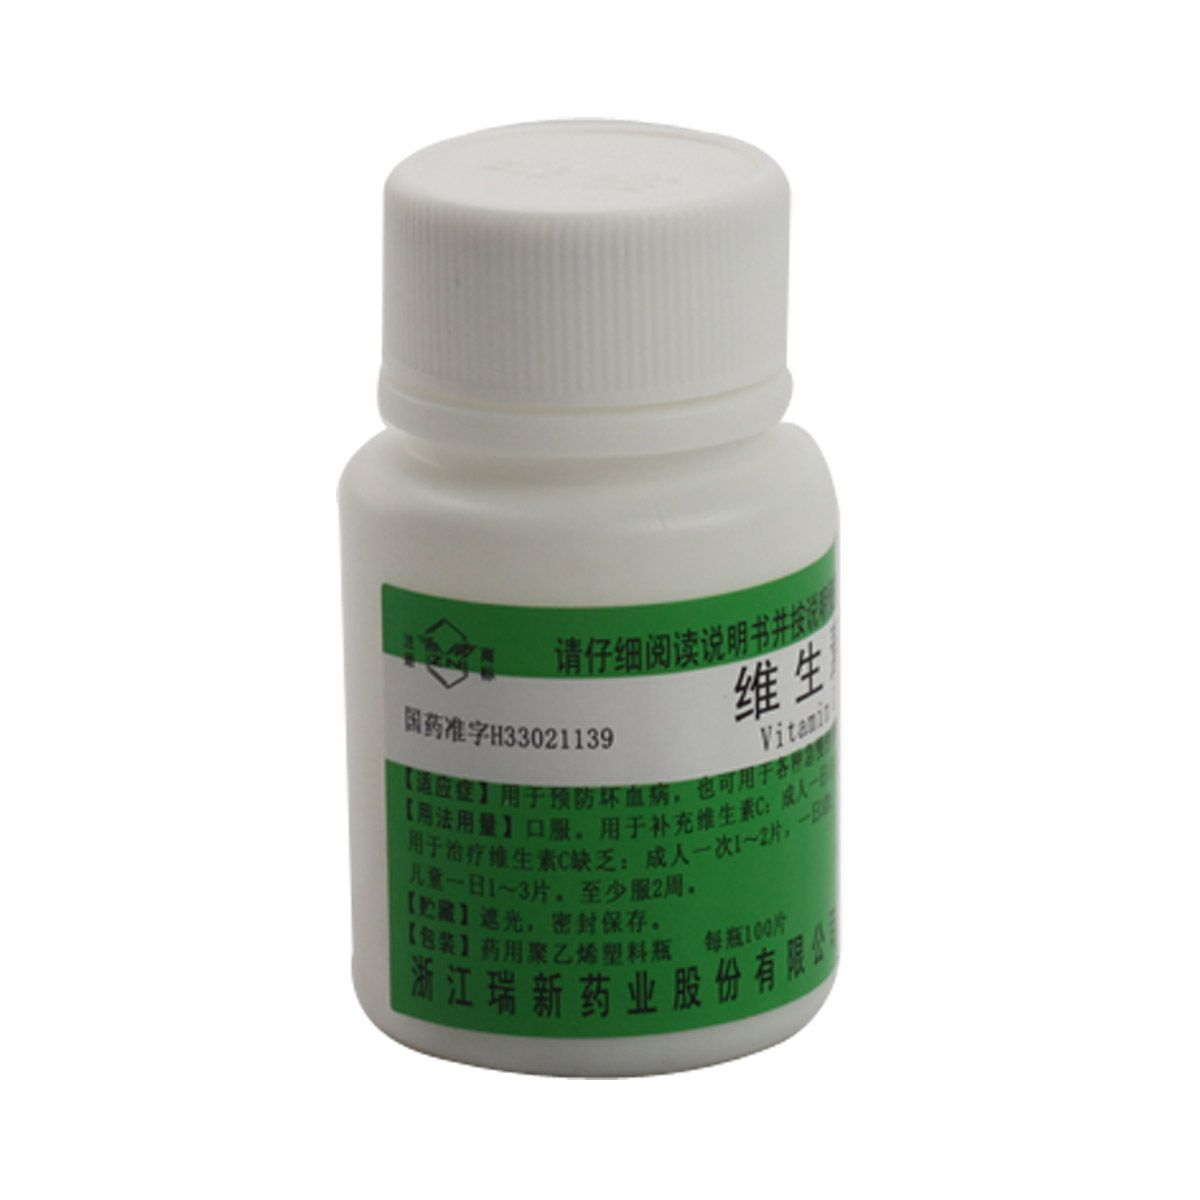 瑞新维生素c片 0.1g*100片